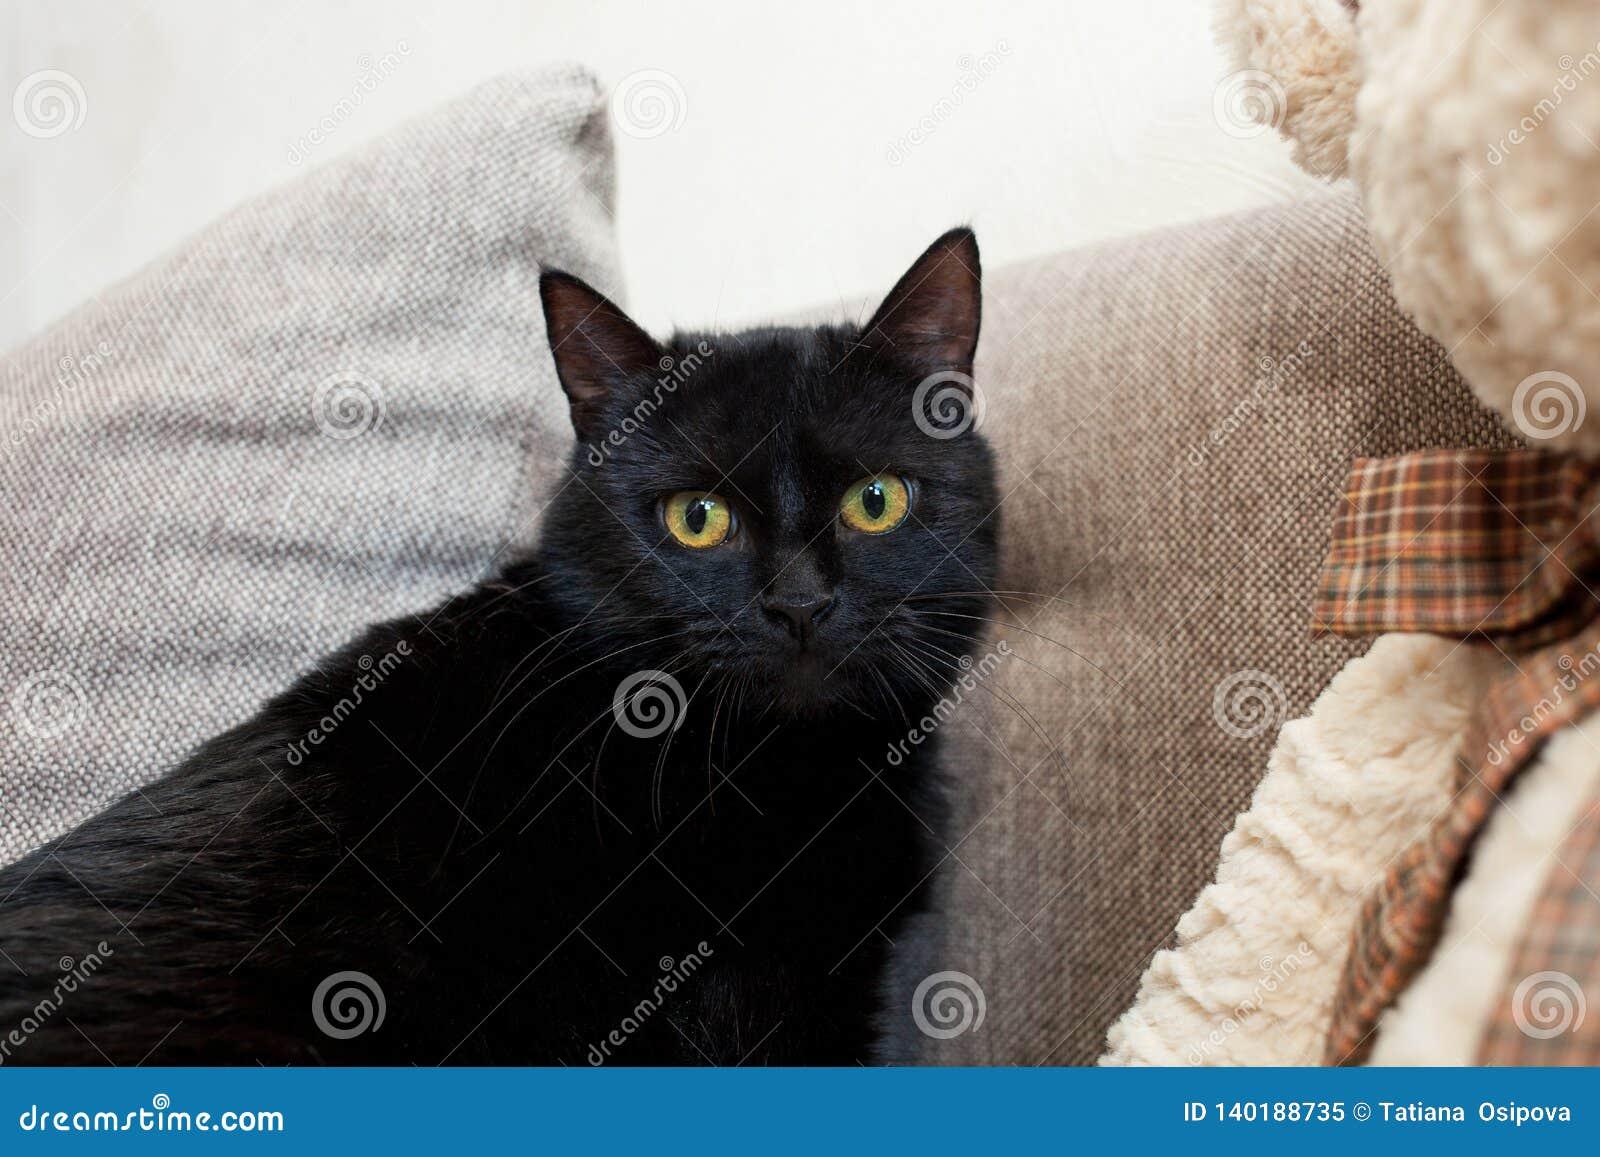 Fim acima gato preto com olhos amarelos em uma casa nova Problemas mentais e emocionais dos gatos